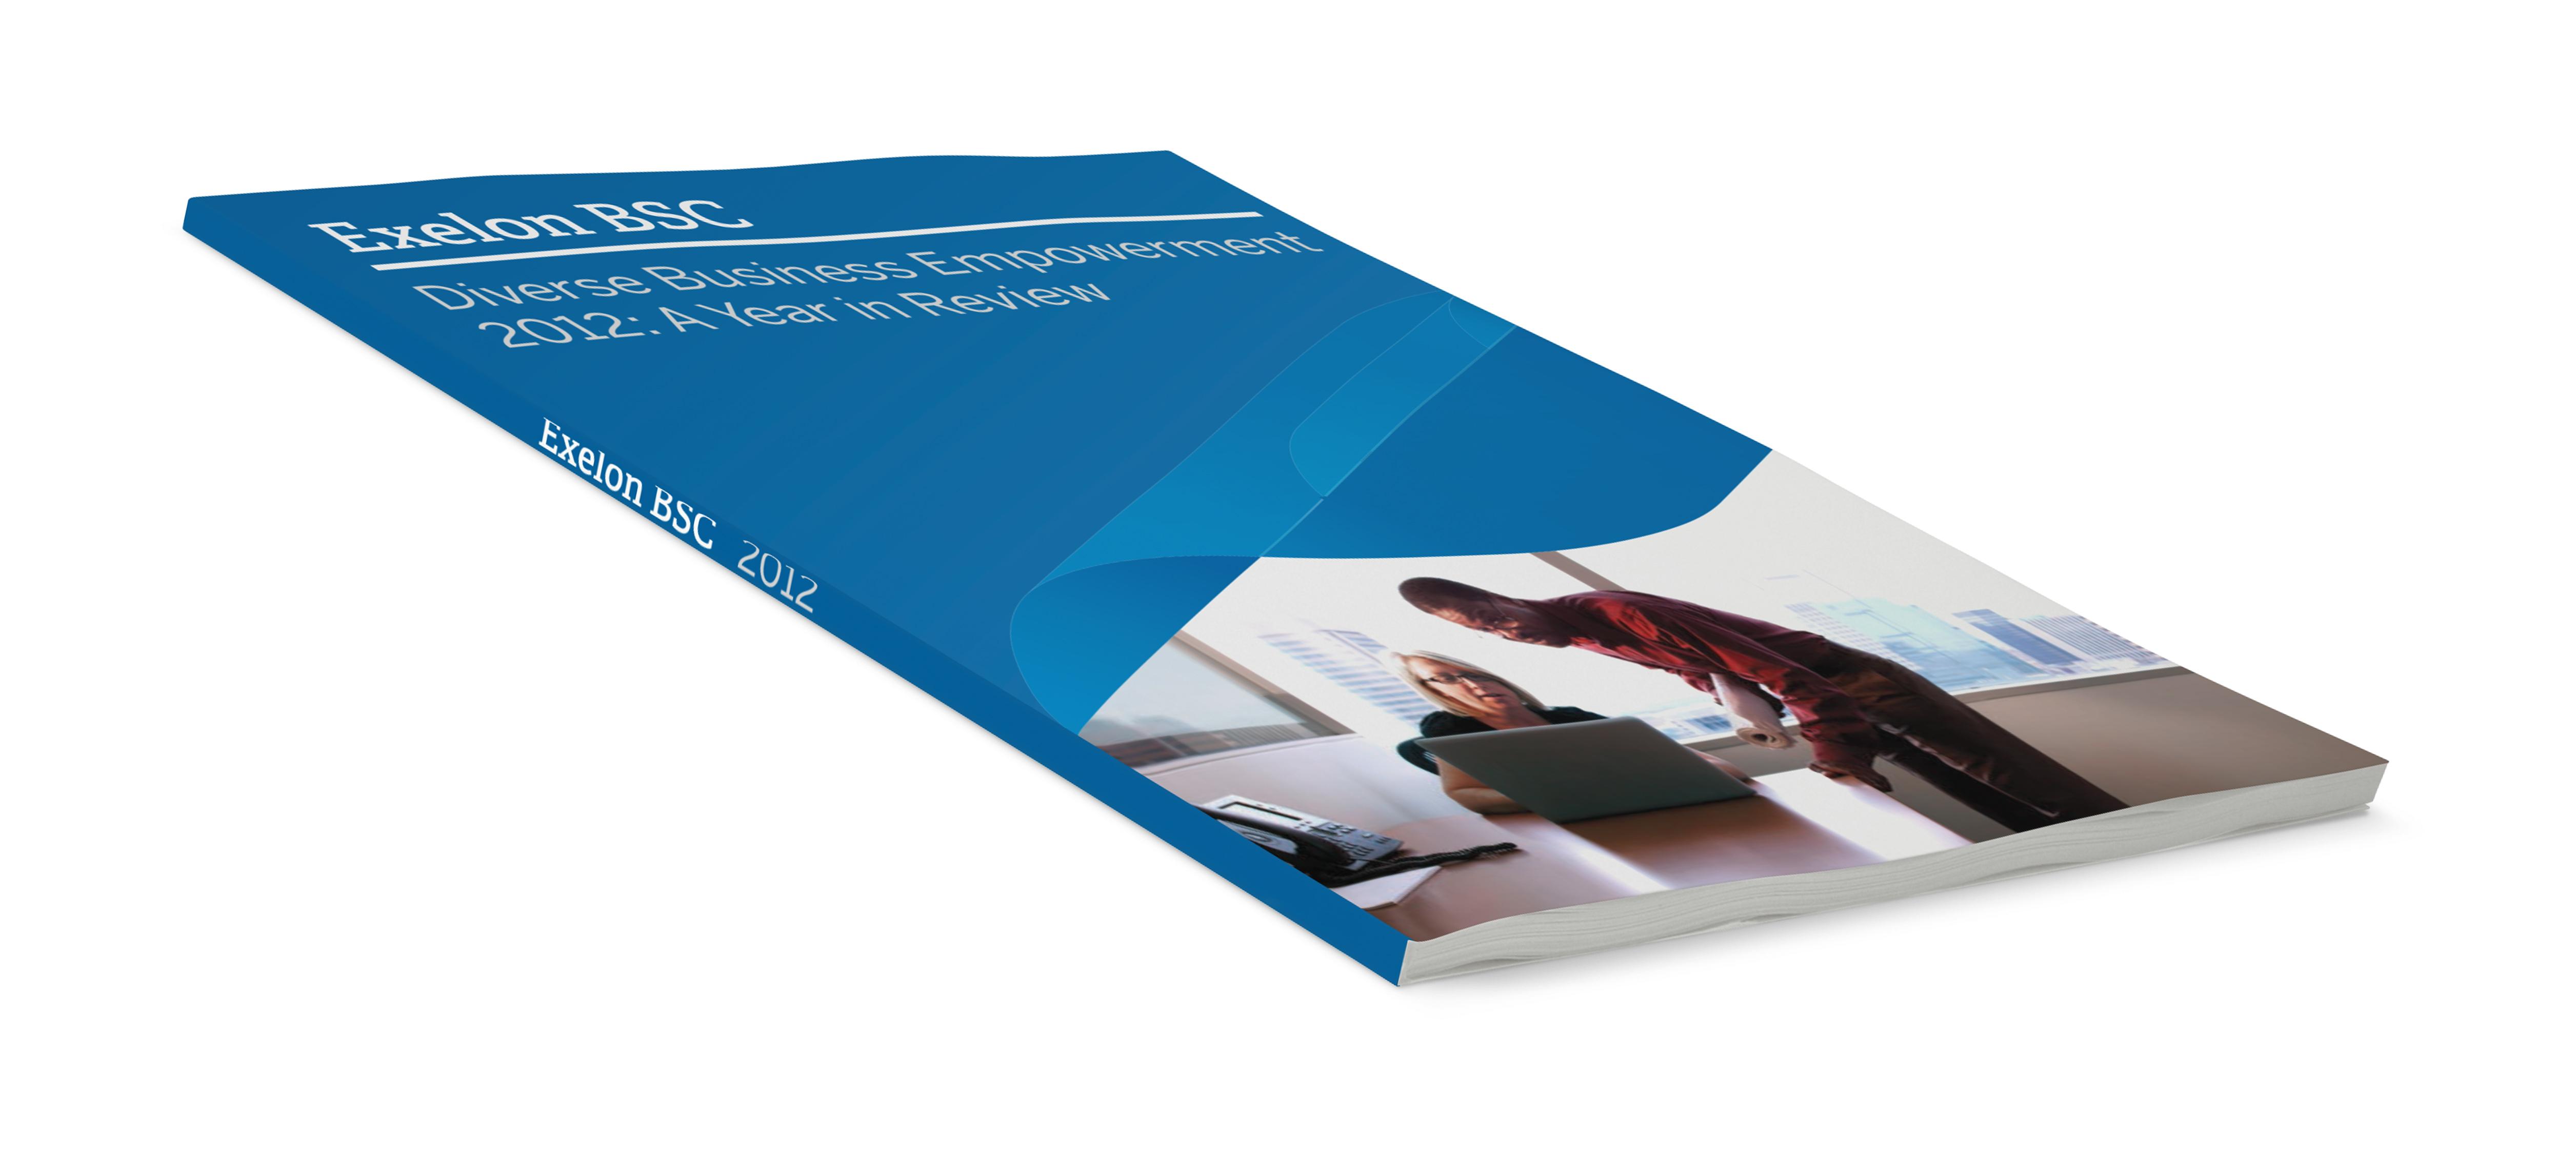 Exelon annual report